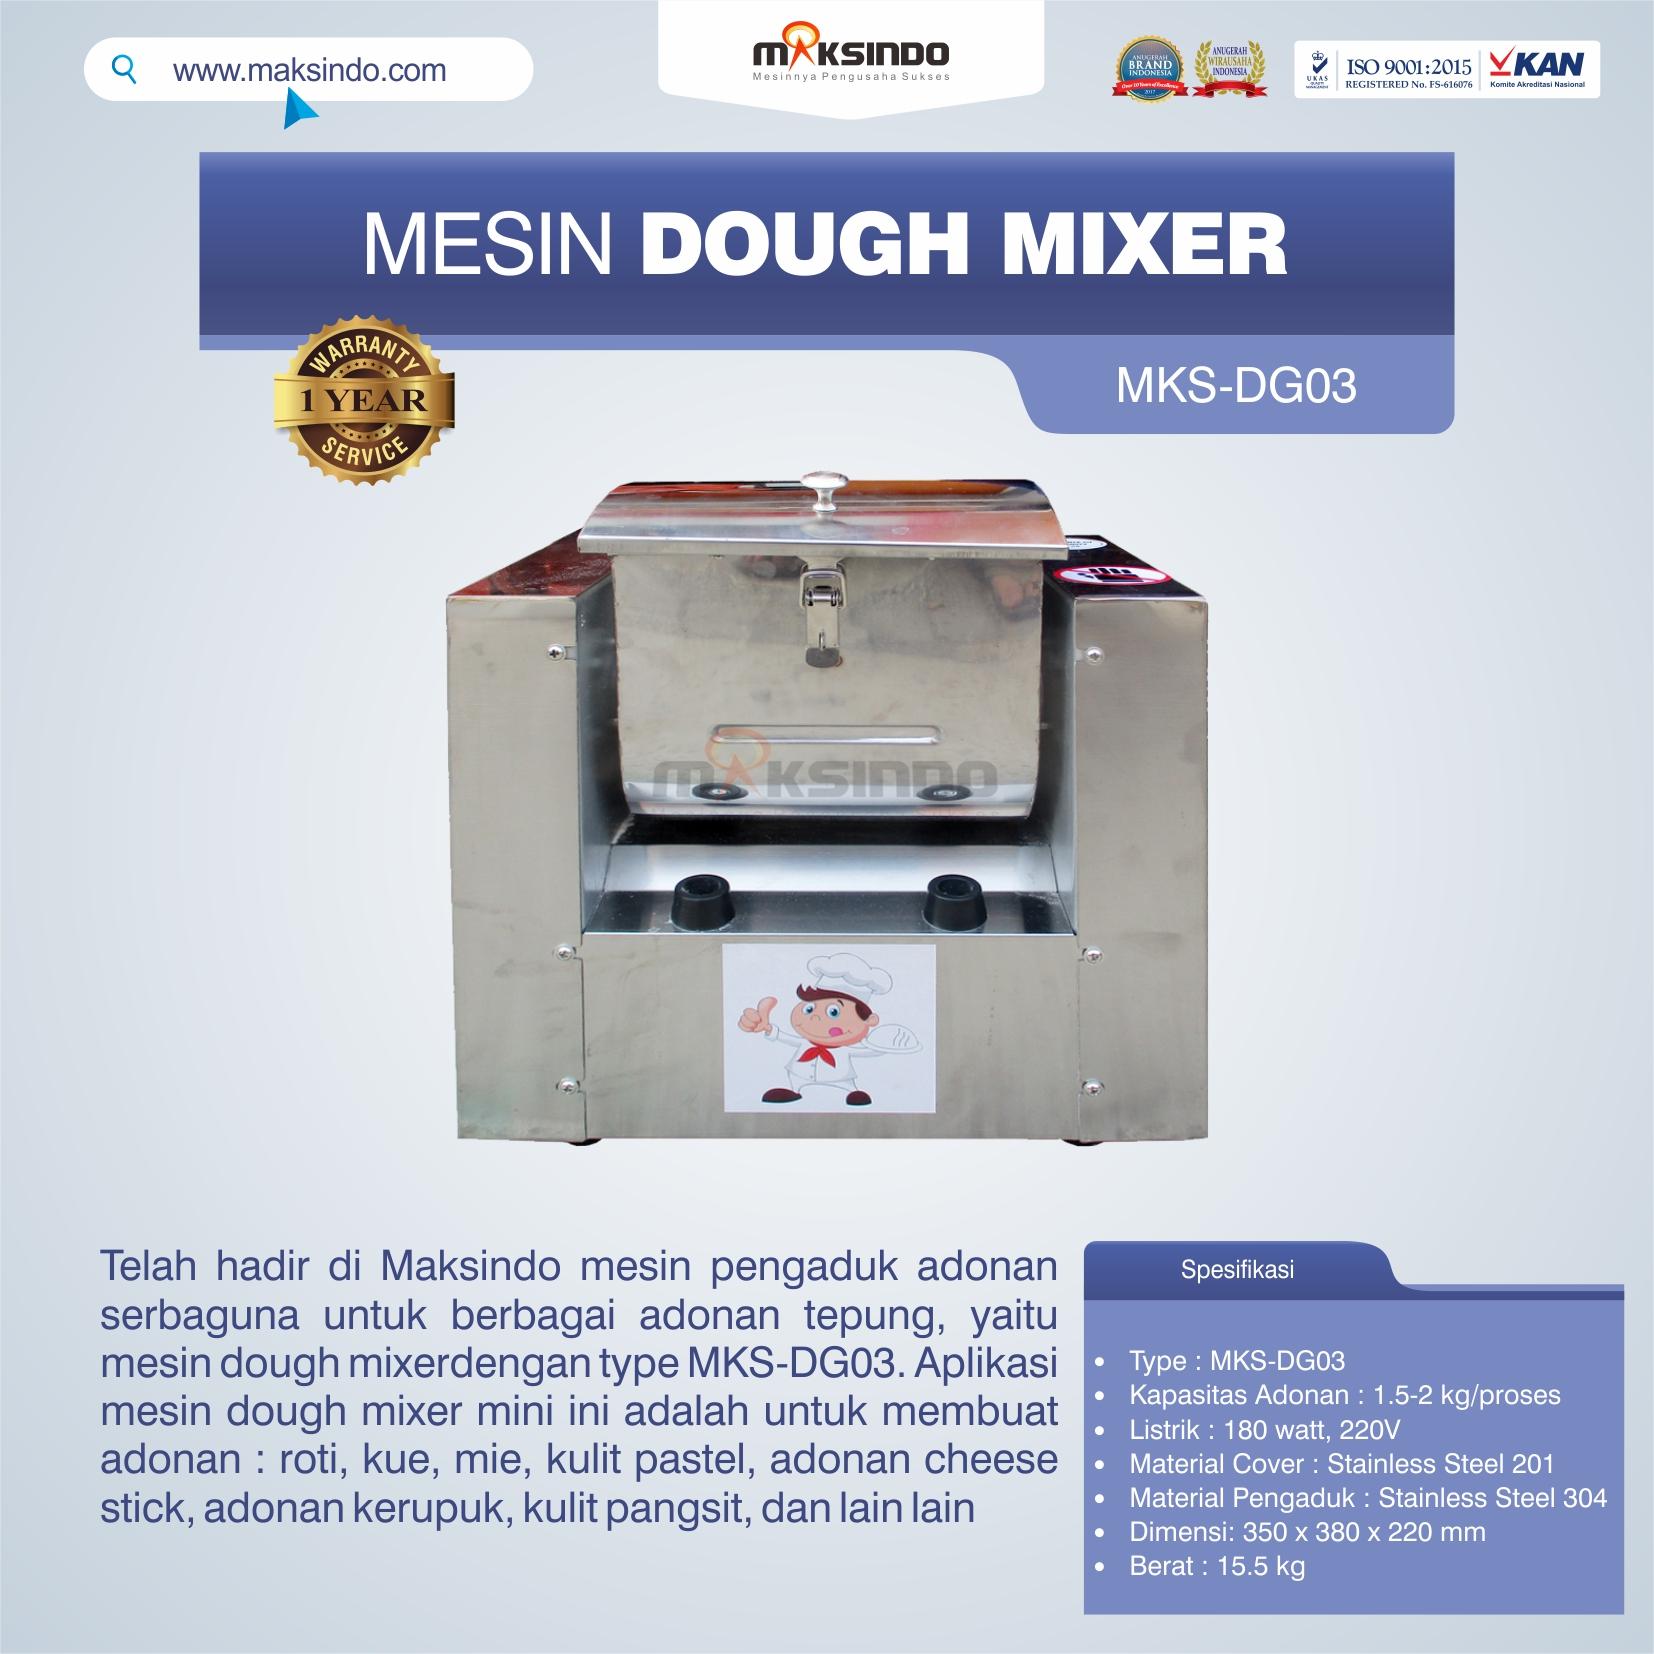 Jual Mesin Dough Mixer MKS-DG03 di Medan